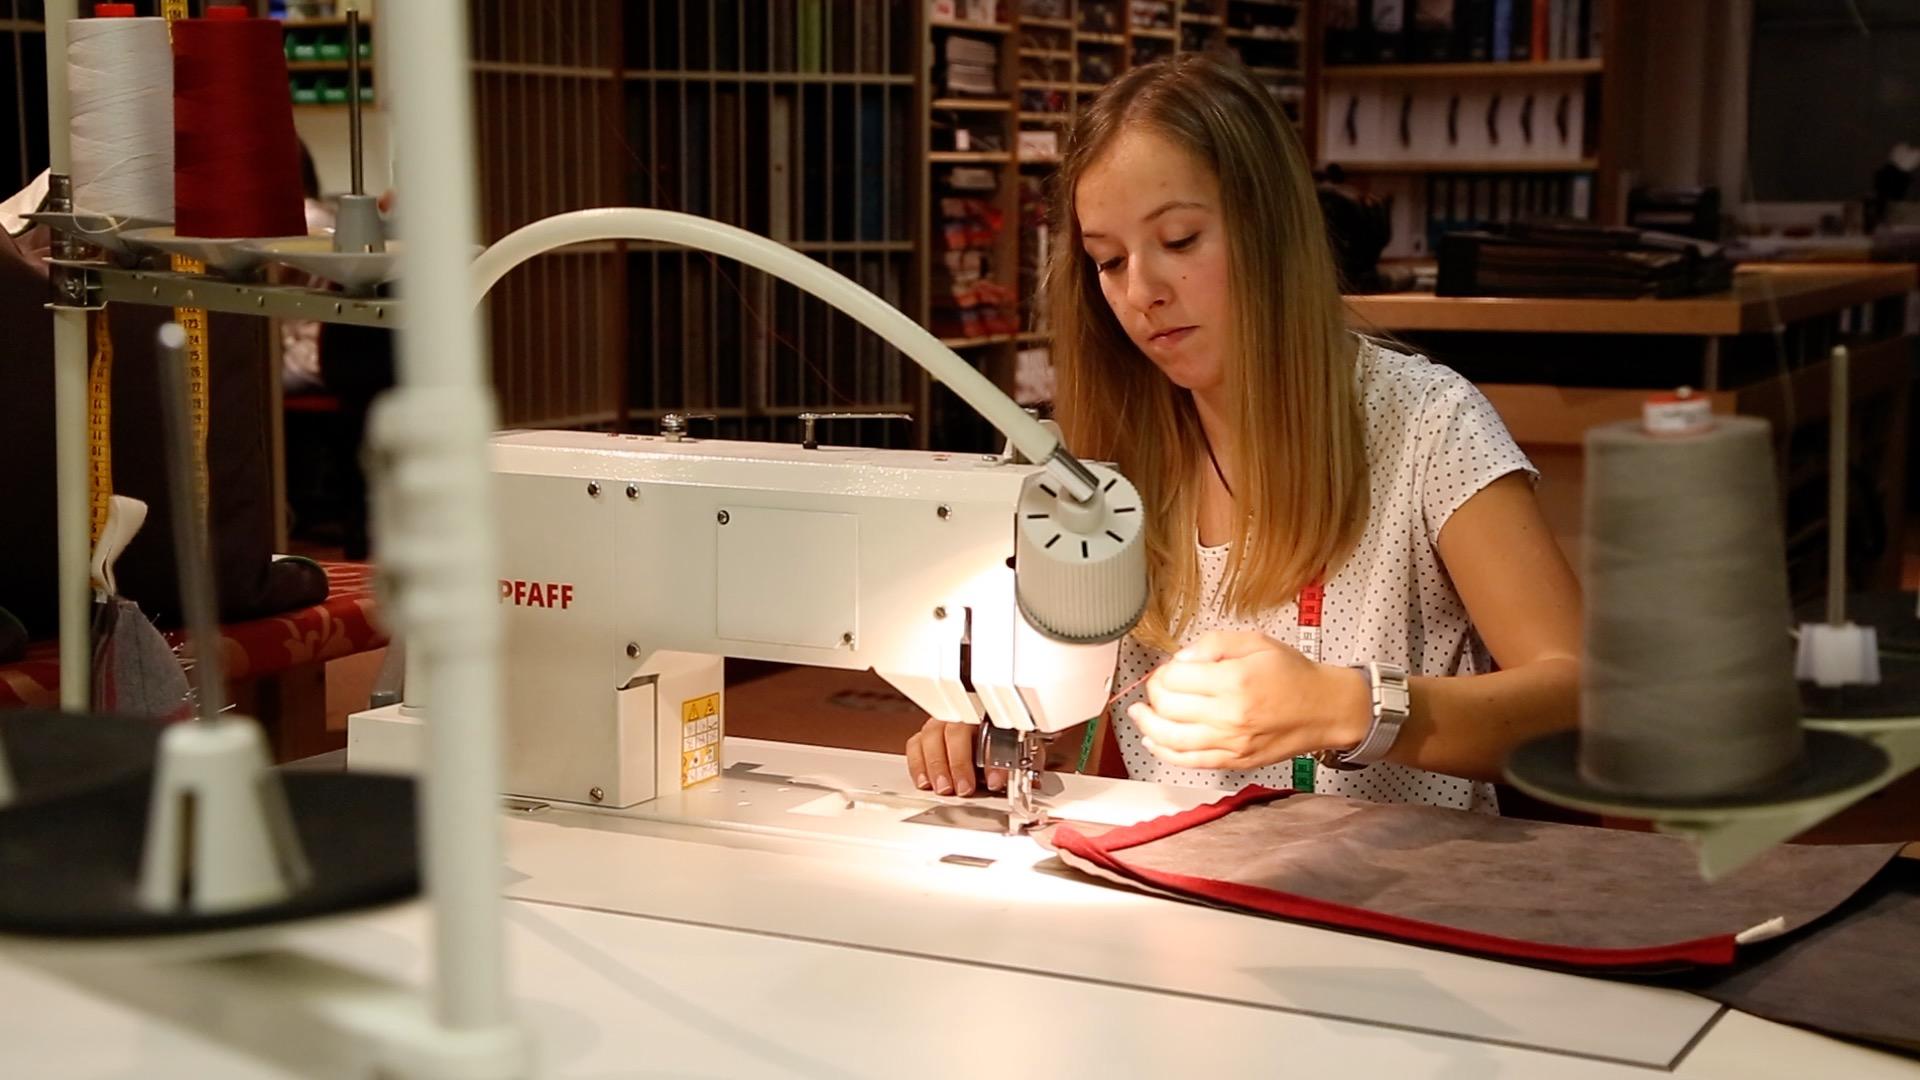 Lehrling des Monats ist Tapeziererin - Anna Lena Neururer aus Oetz